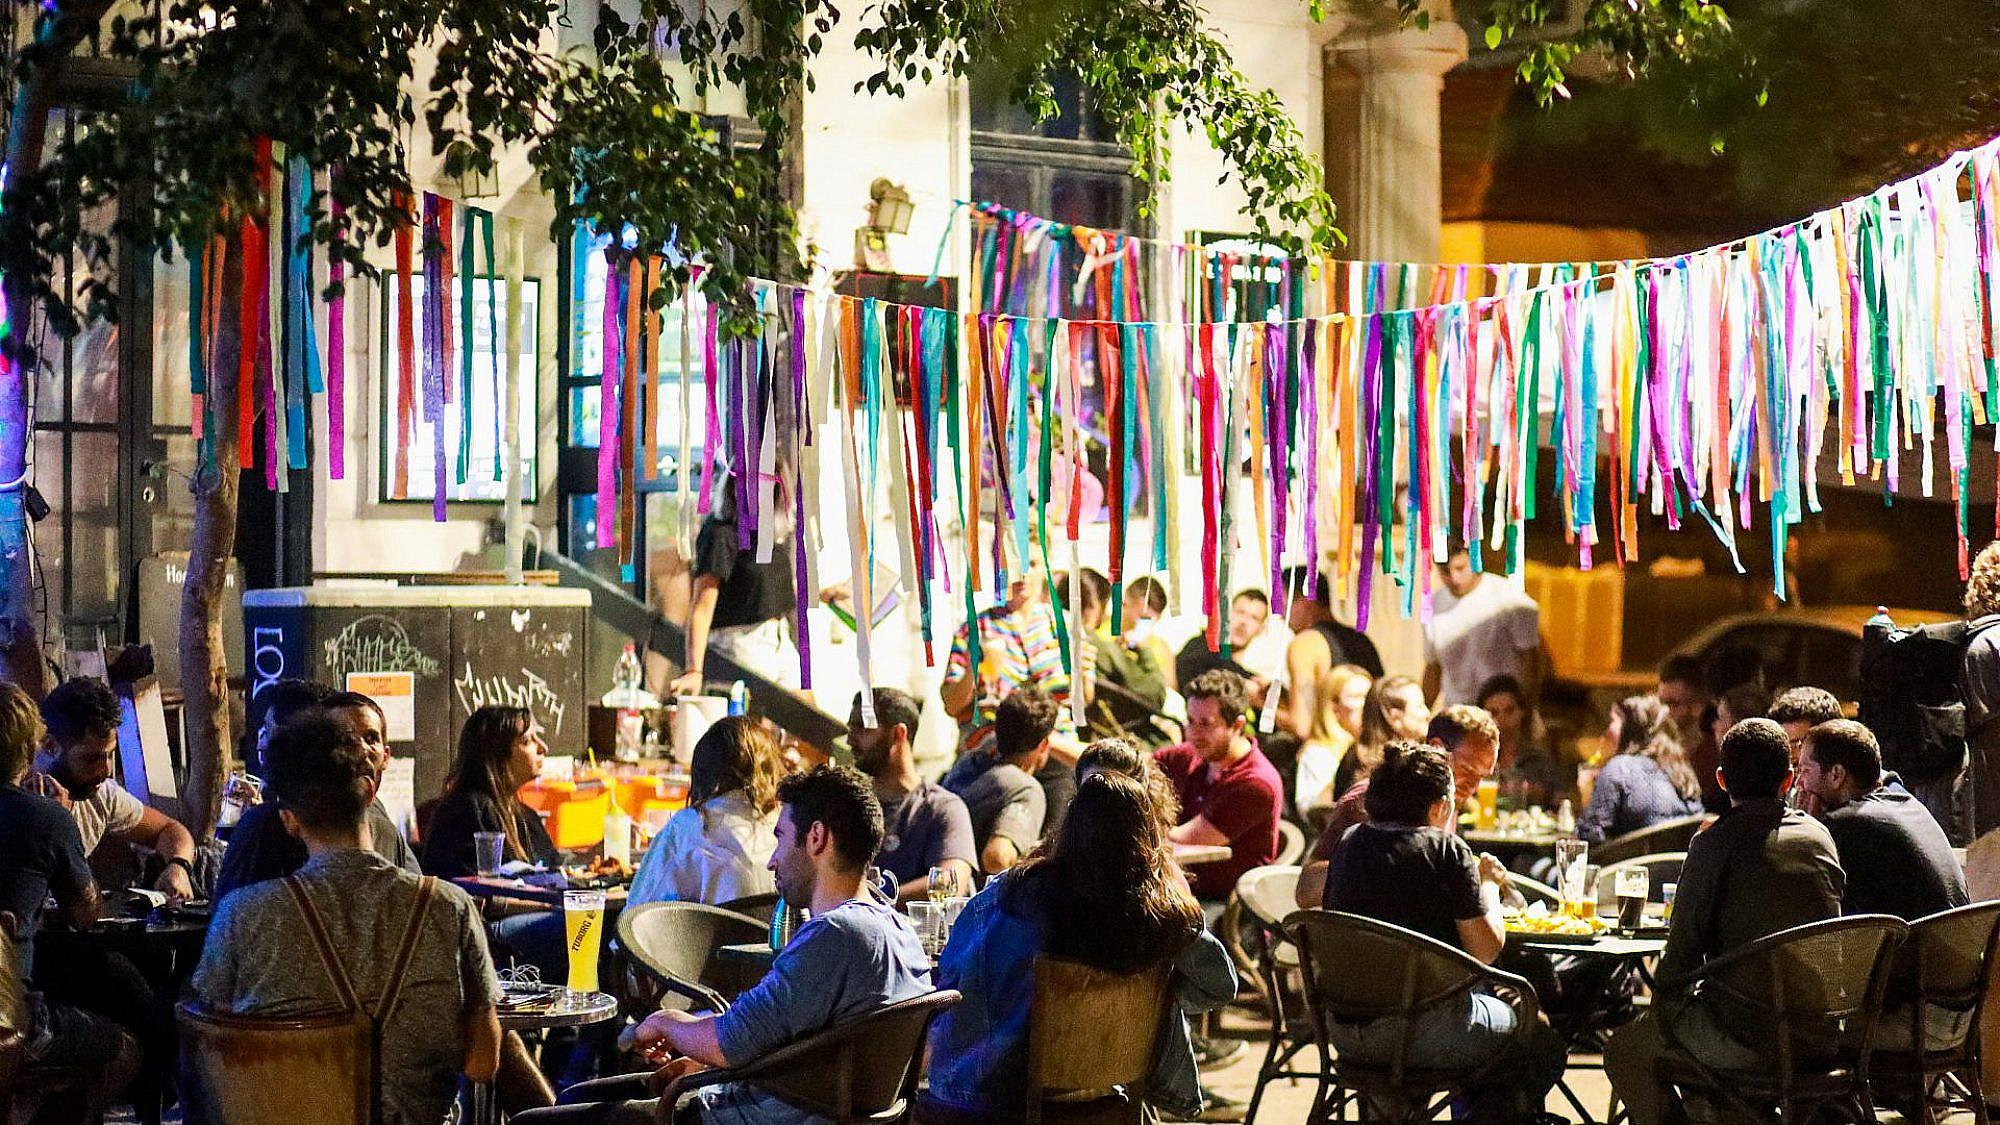 צעירי תל אביב. איך תראה העיר בלעדיהם? (צילום: שלומי יוסף)